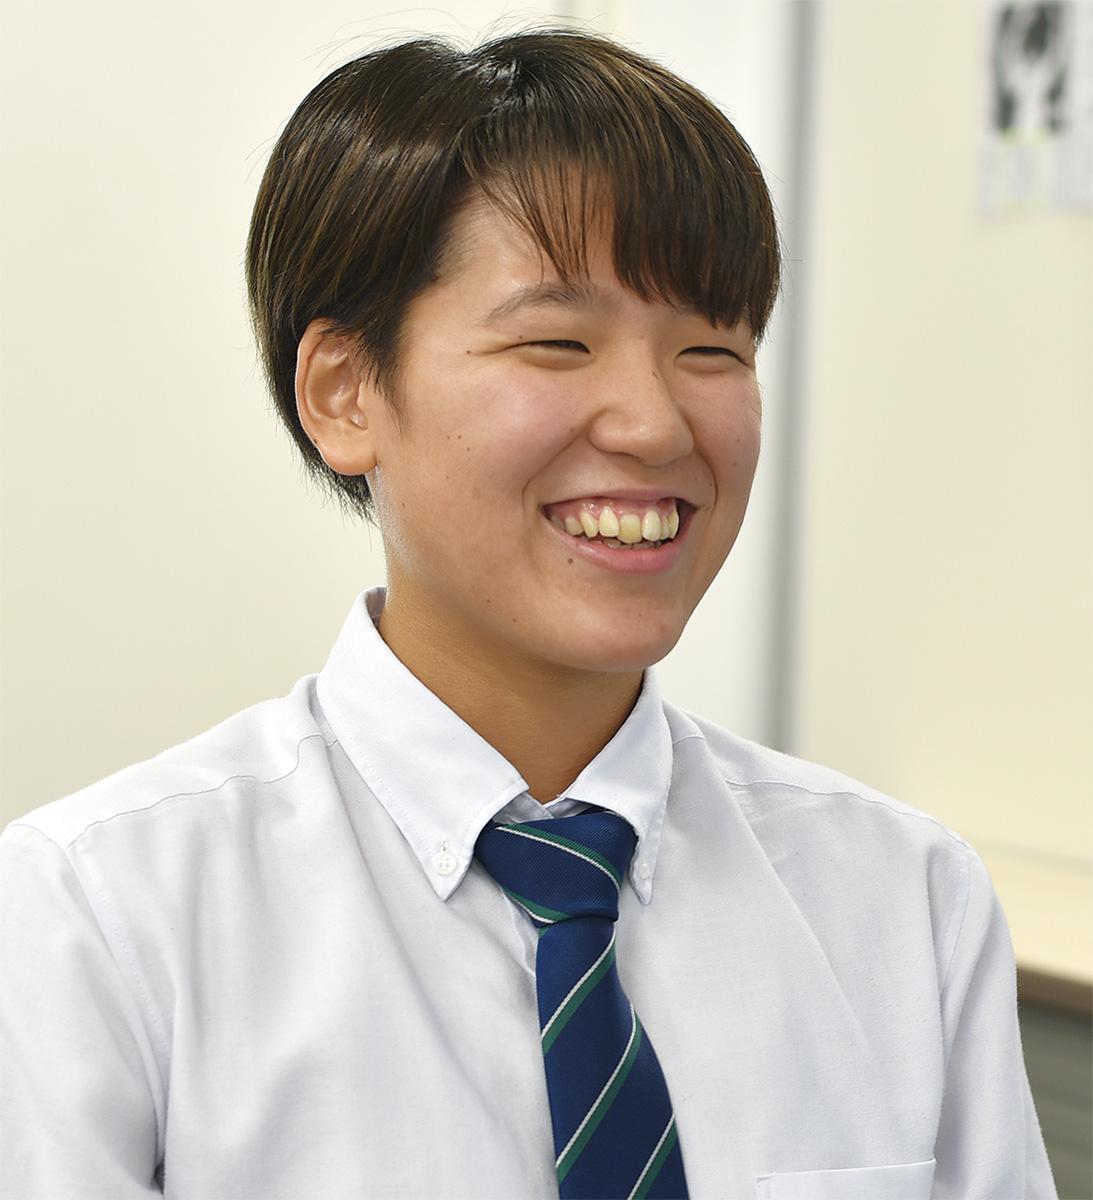 日本水泳界 期待の星